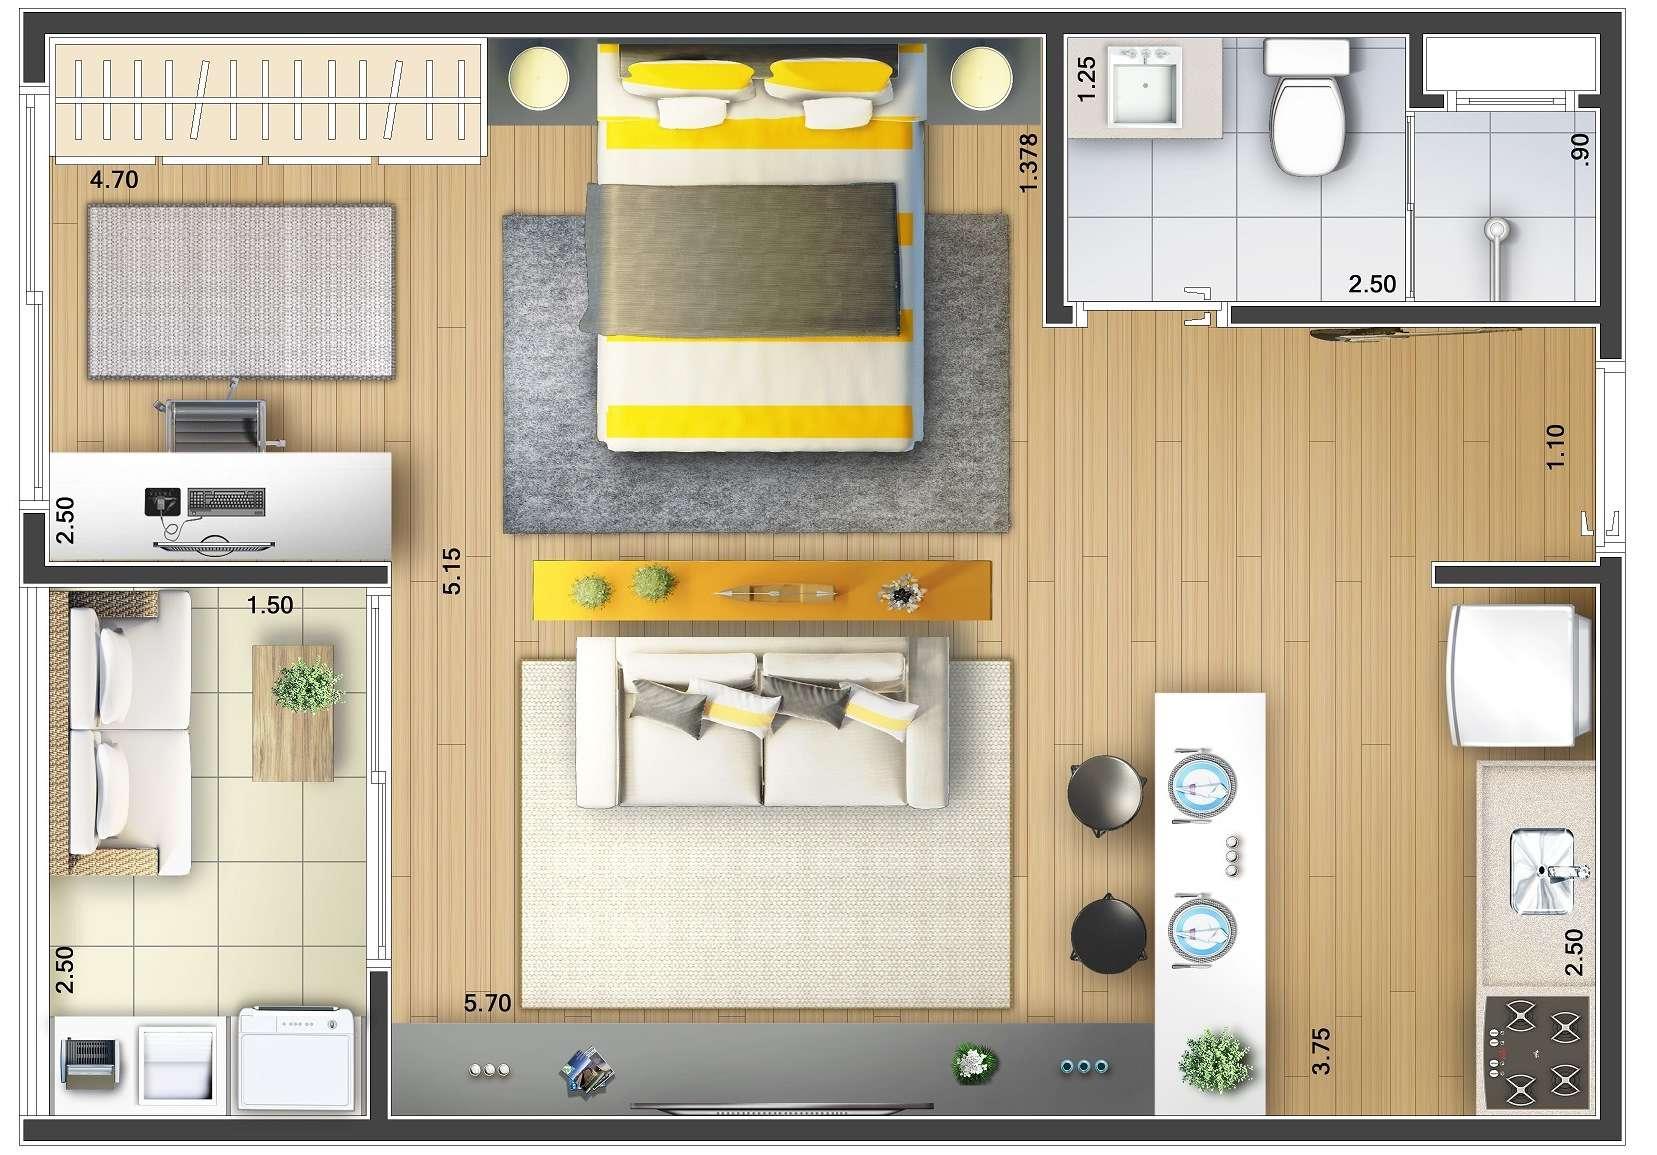 abrir a mente e ter ideias para novas plantas de casas humanizadas #C0A30B 1657 1155